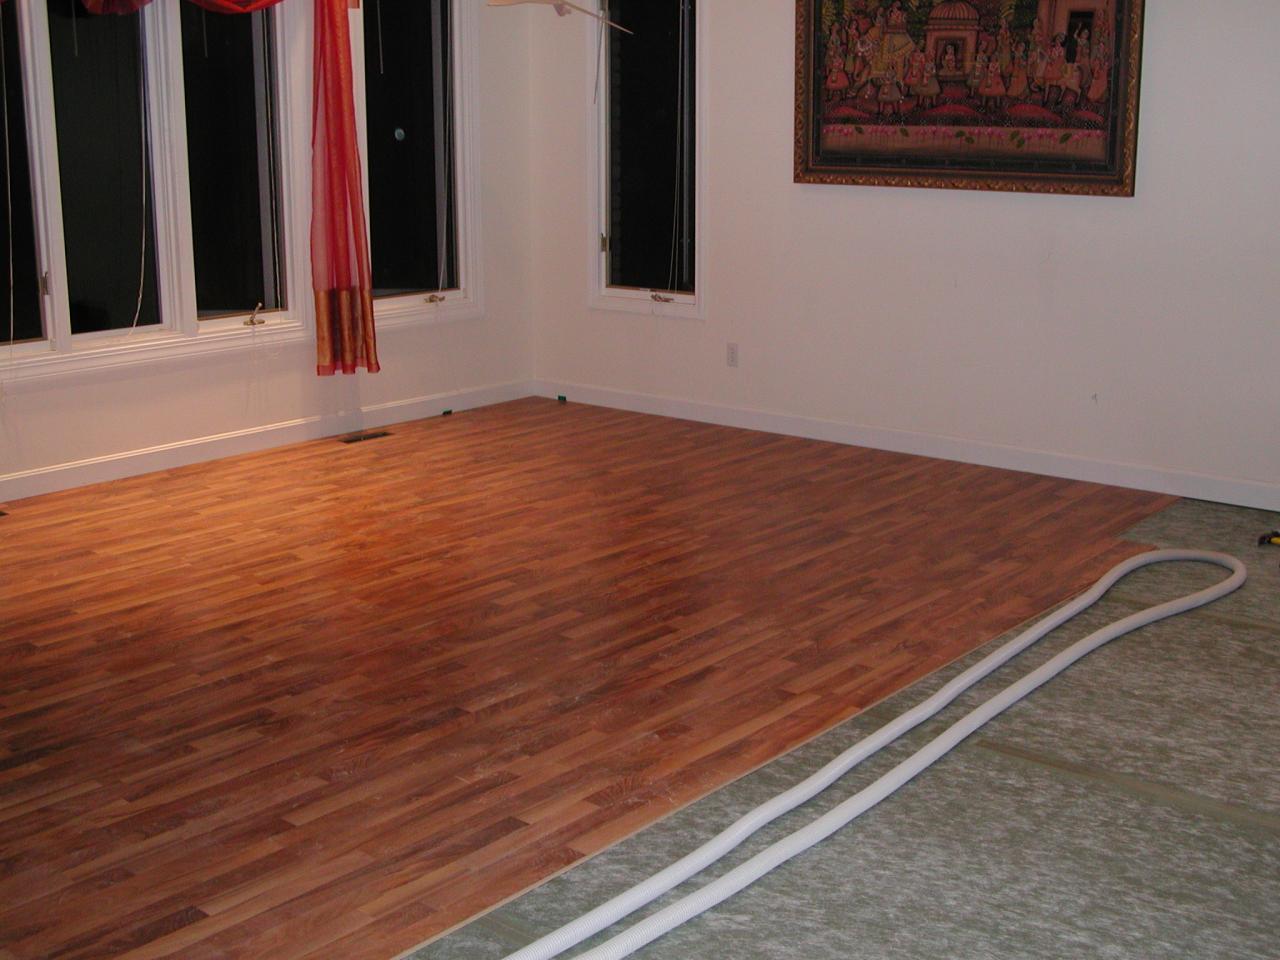 linoleum cv belag. Black Bedroom Furniture Sets. Home Design Ideas